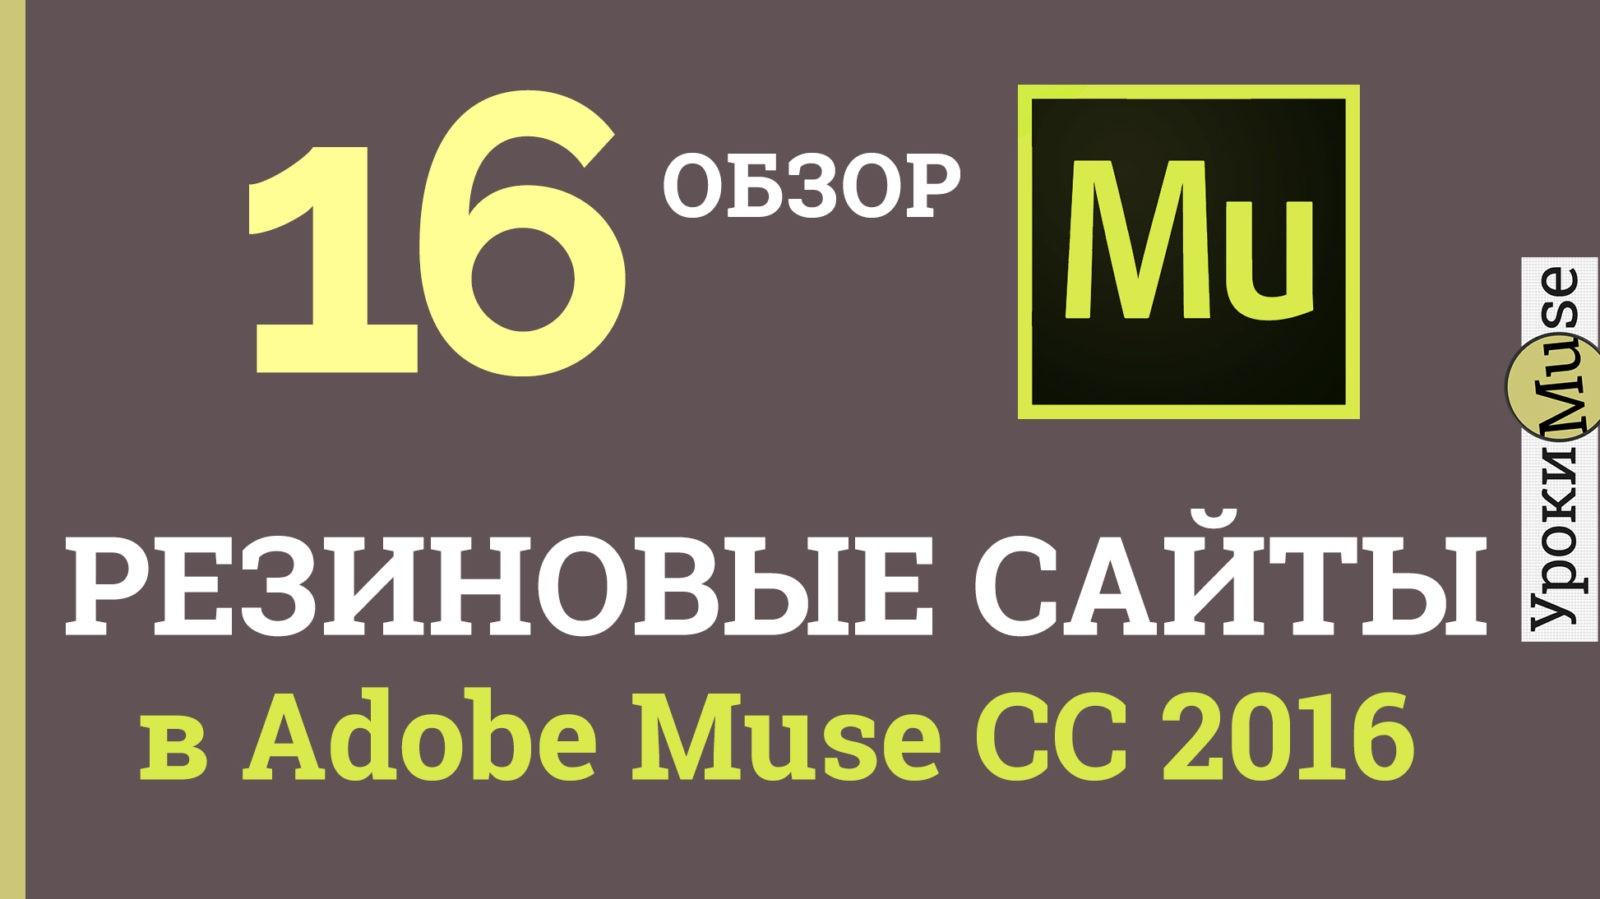 резиновые сайты в Adobe Muse